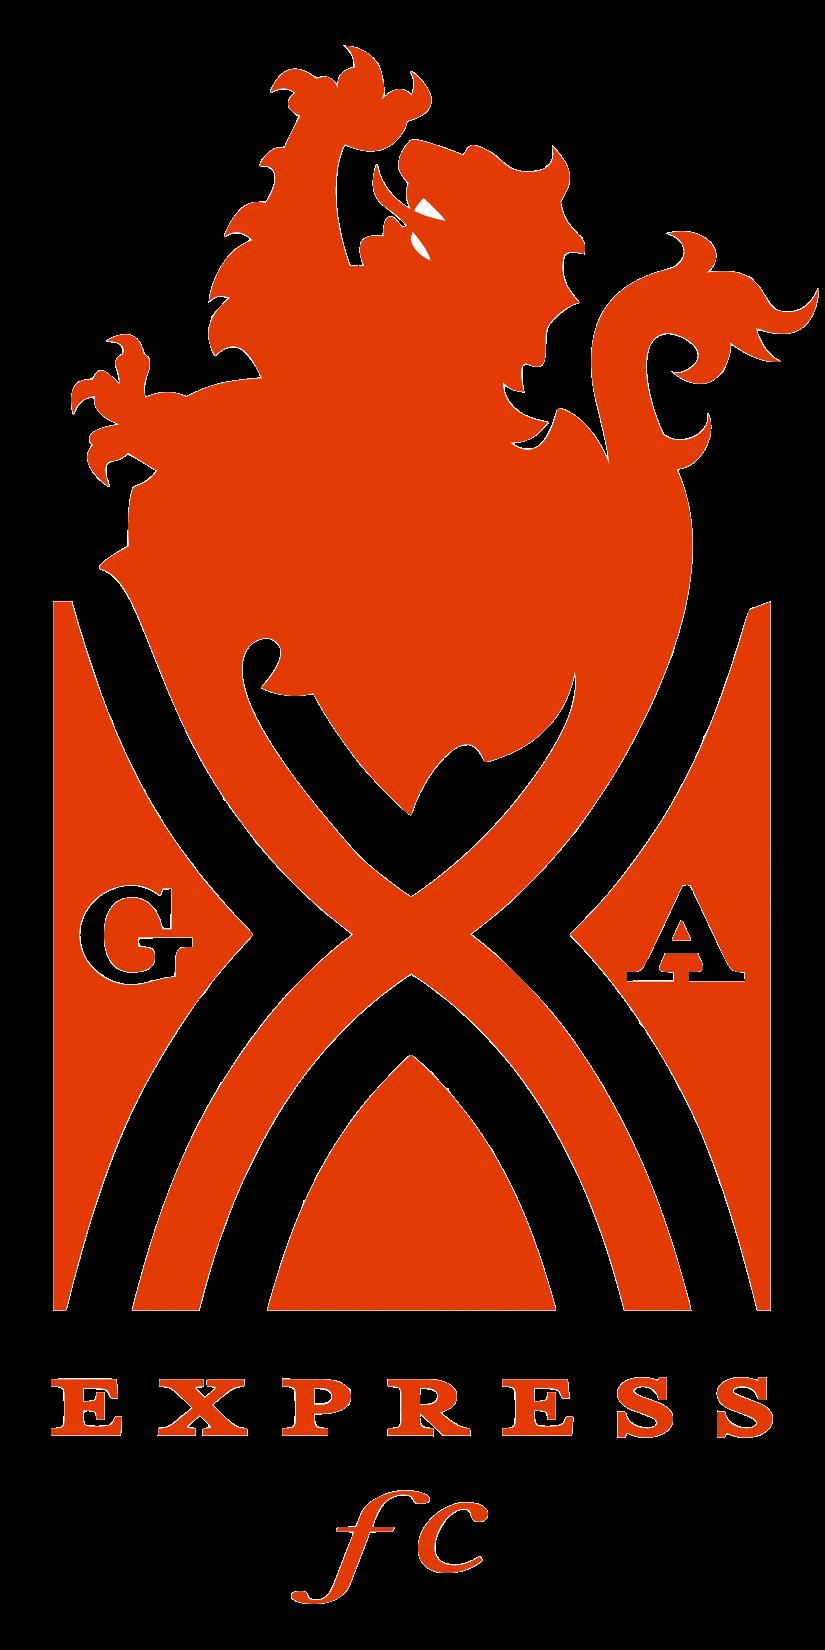 genoa fc youth academy - photo#34